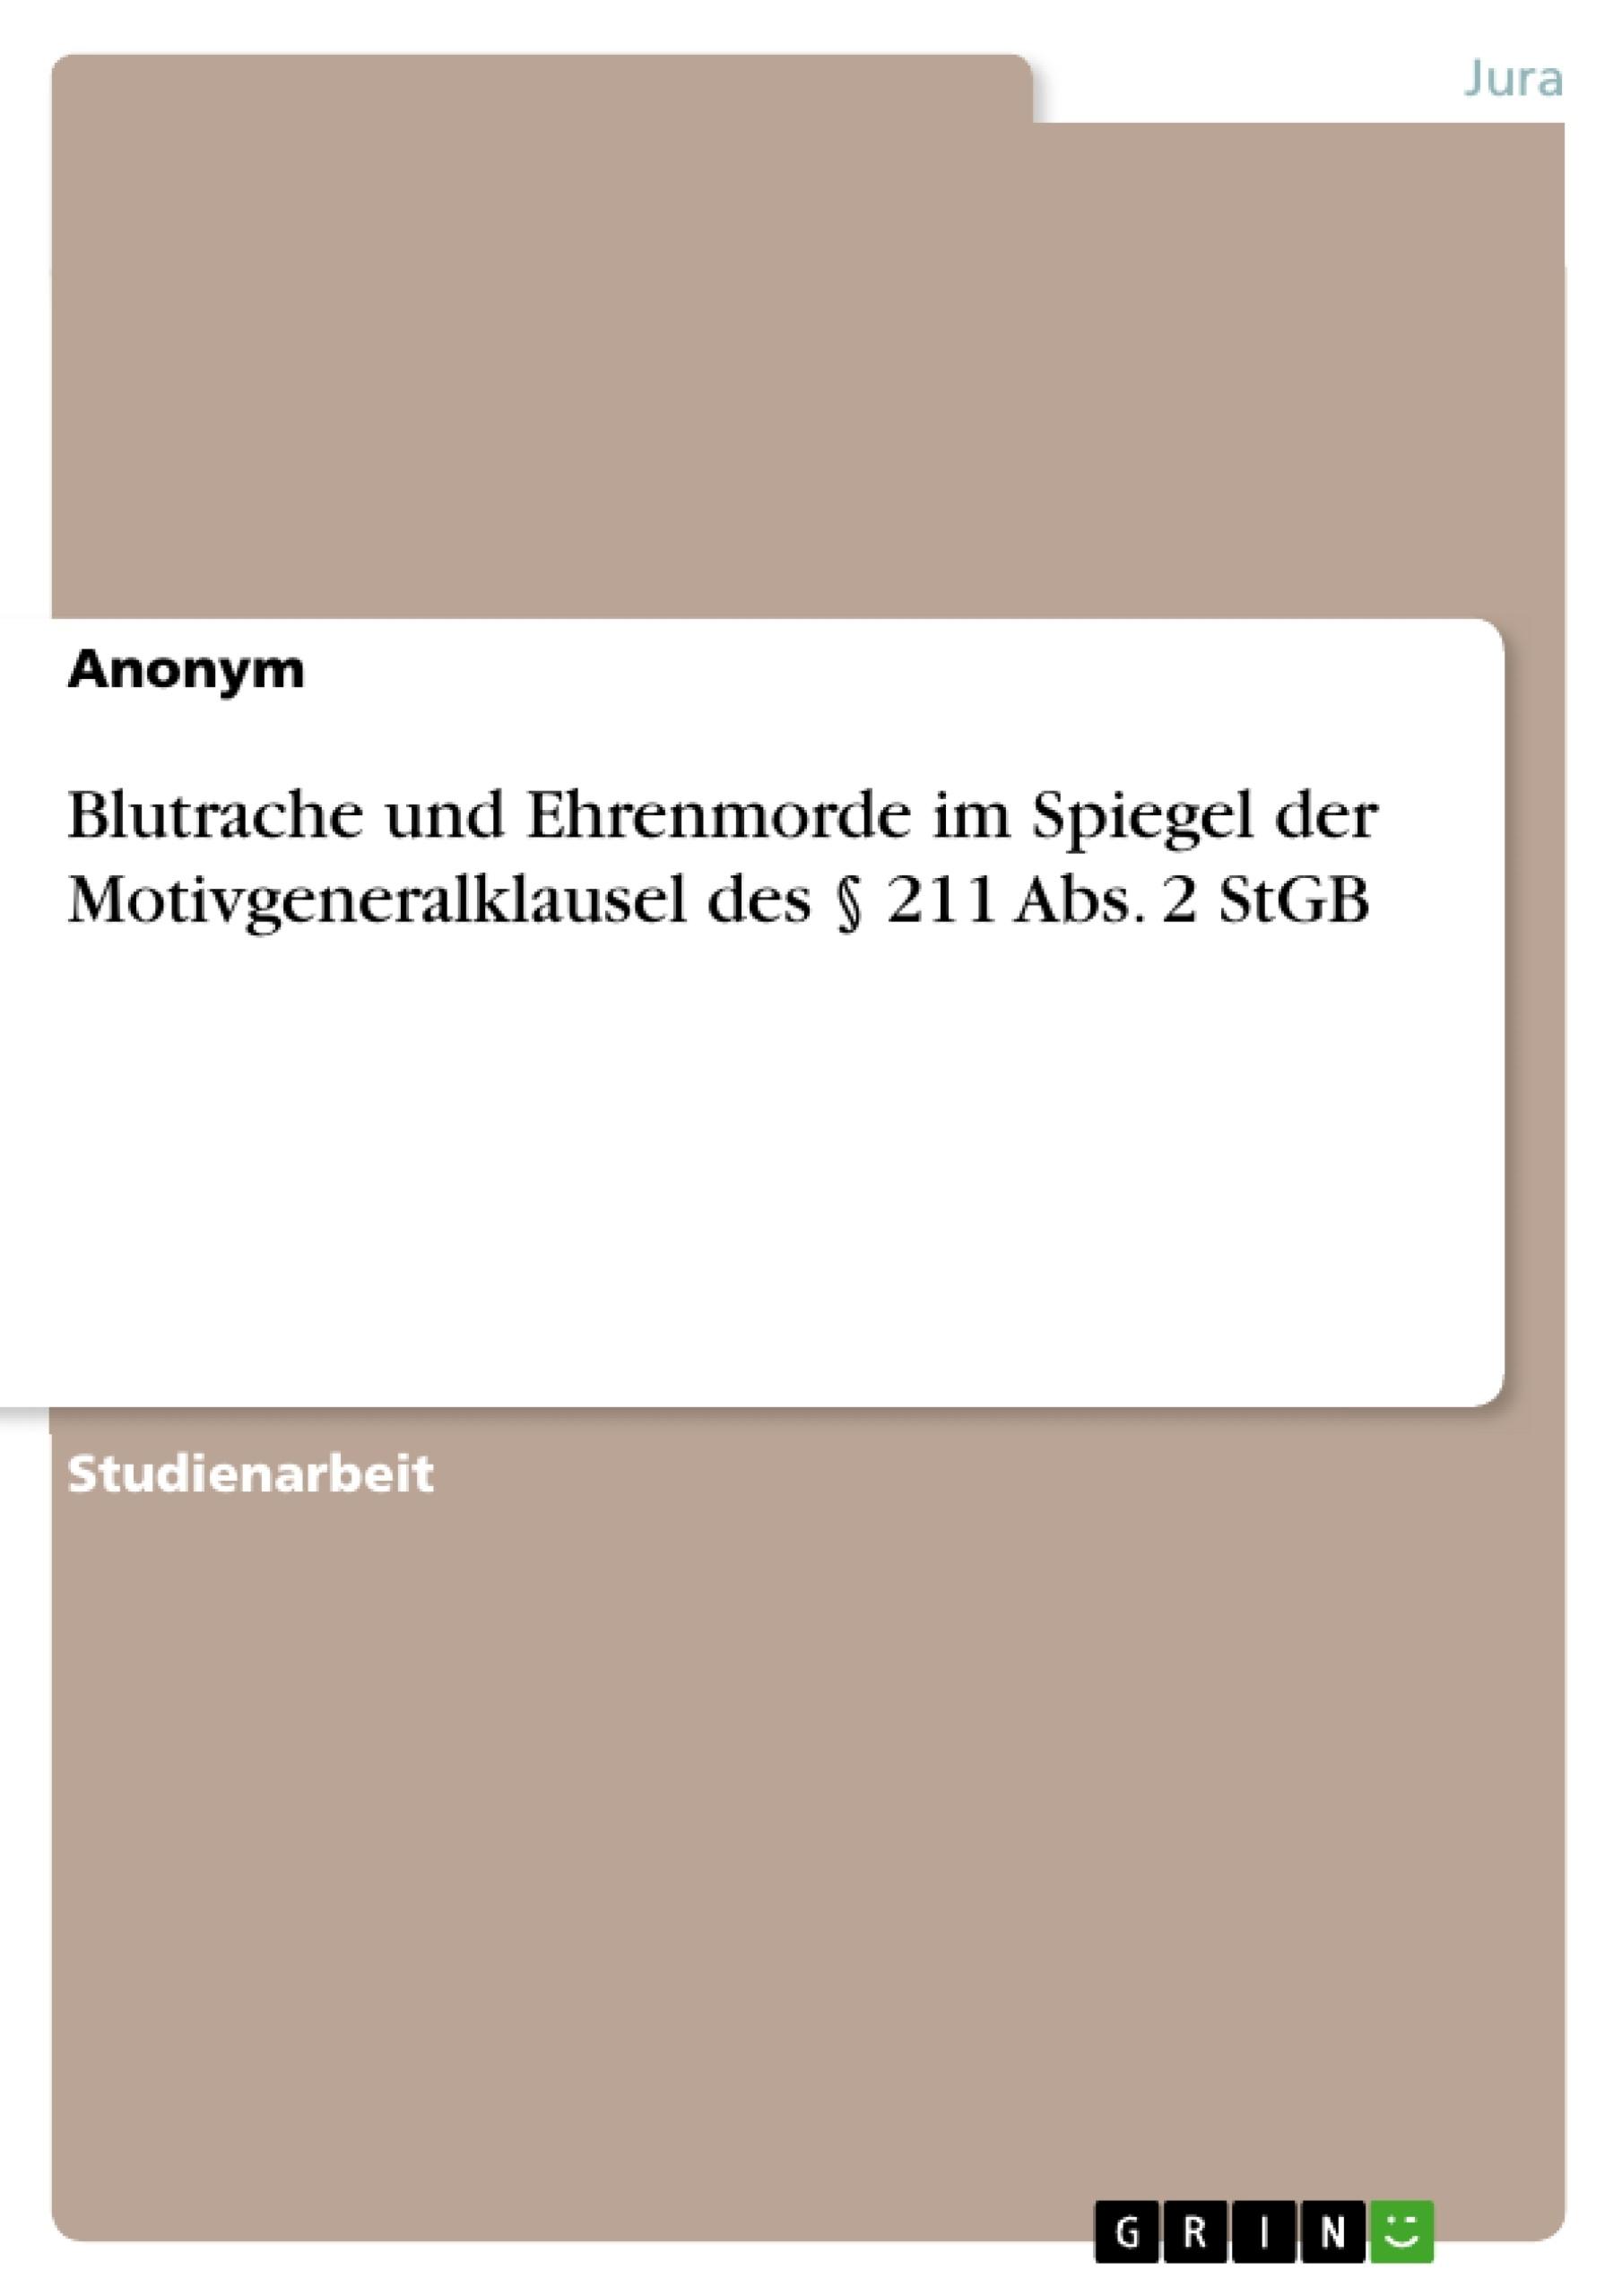 Titel: Blutrache und Ehrenmorde im Spiegel der Motivgeneralklausel des § 211 Abs. 2 StGB